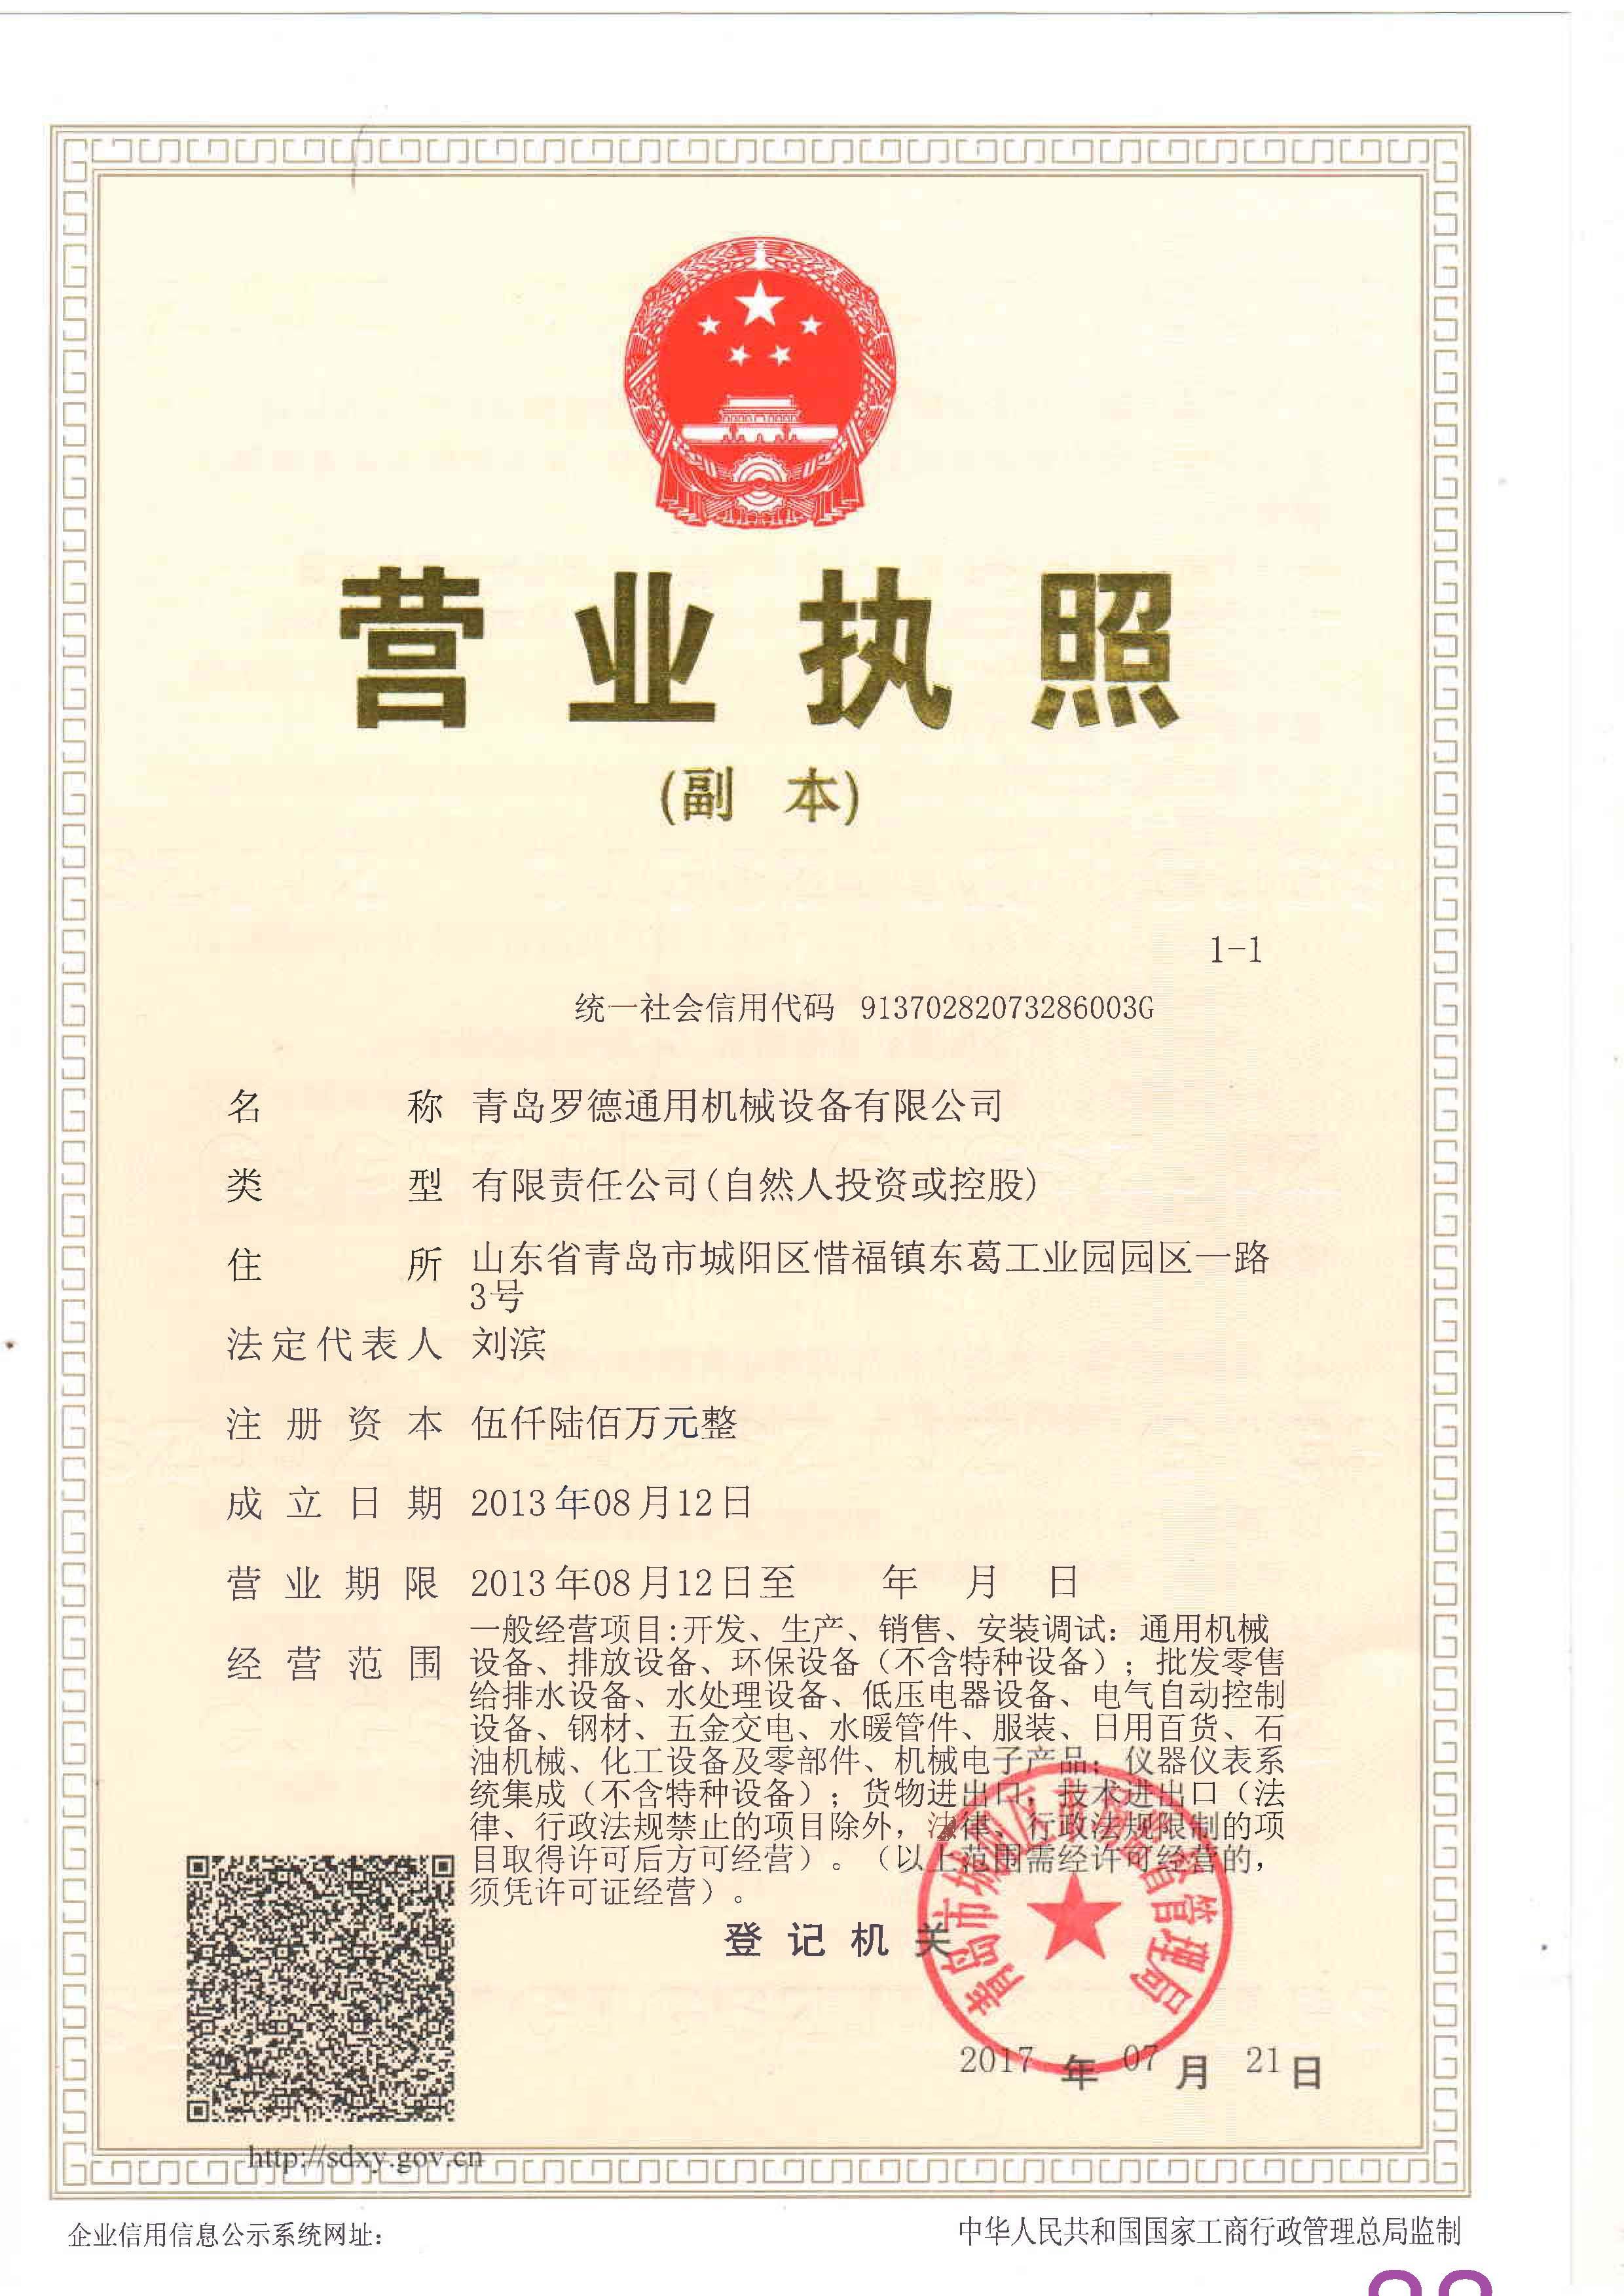 罗德荣誉资质:营业执照